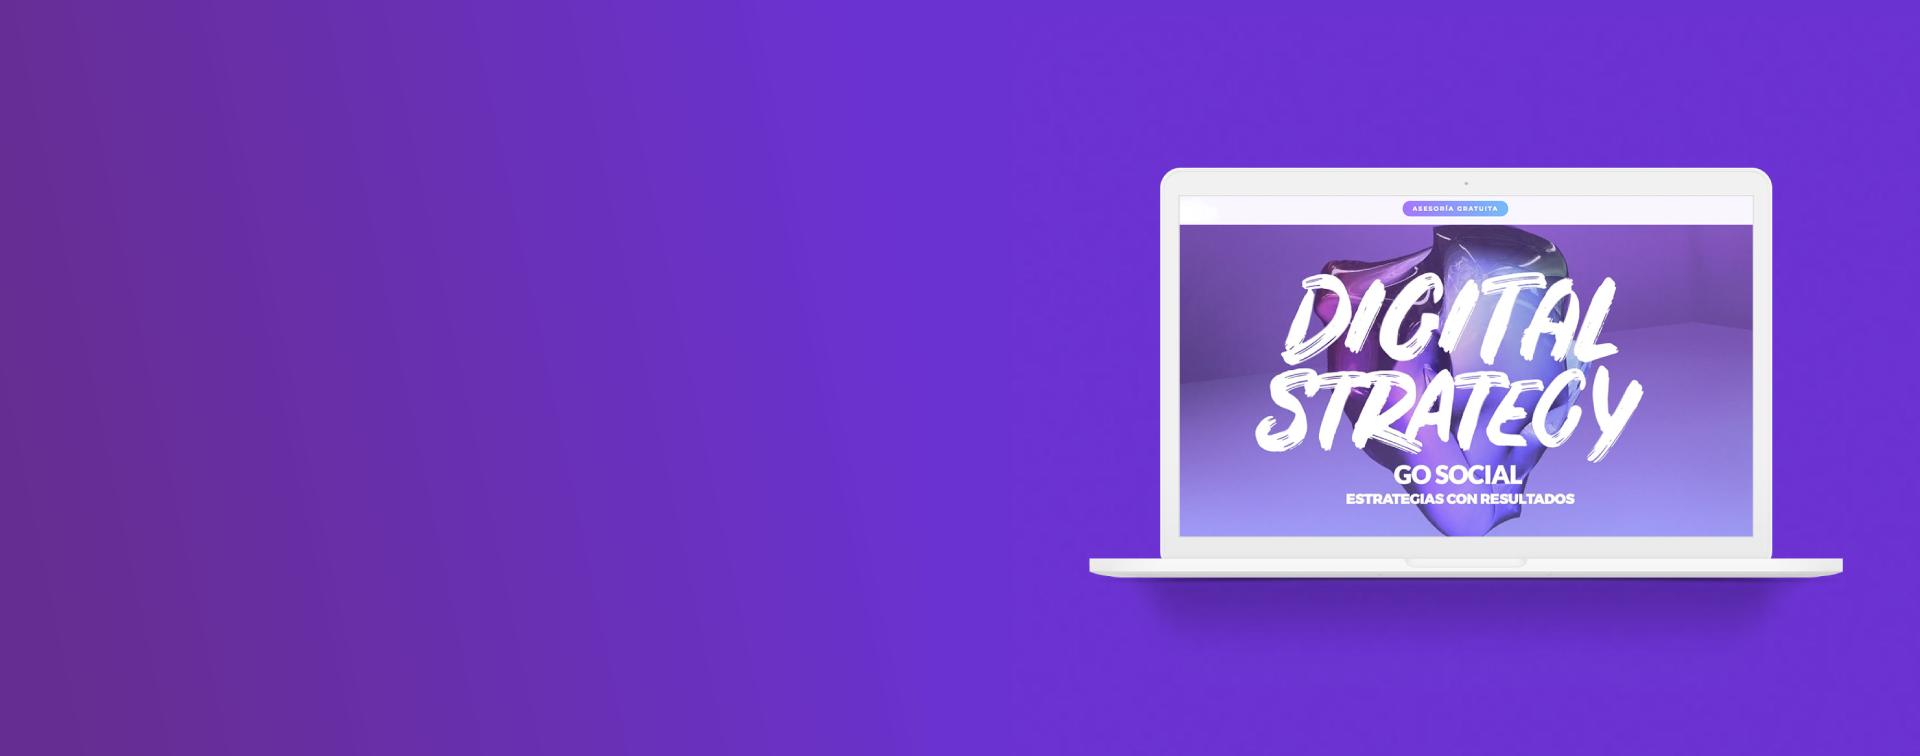 blog-solucionweb-estrategias-de-marketing-digital-que-debo-utilizar-para-mi-negocio-ocho.png